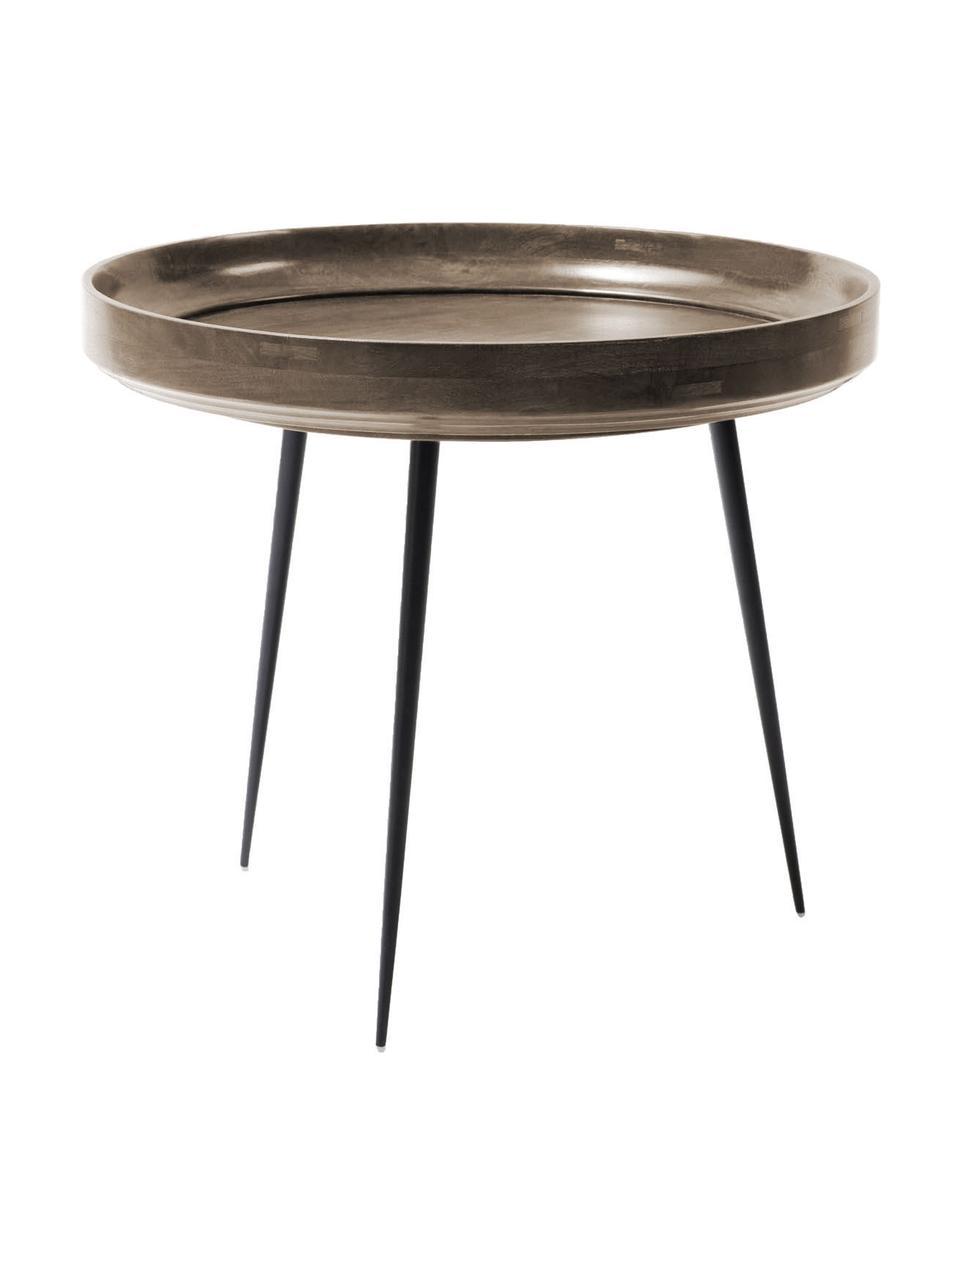 Kleine design bijzettafel Bowl Table van mangohout, Tafelblad: gebeitst en gelakt mangoh, Poten: gepoedercoat staal, Grijsbruin, zwart, Ø 53 x H 46 cm